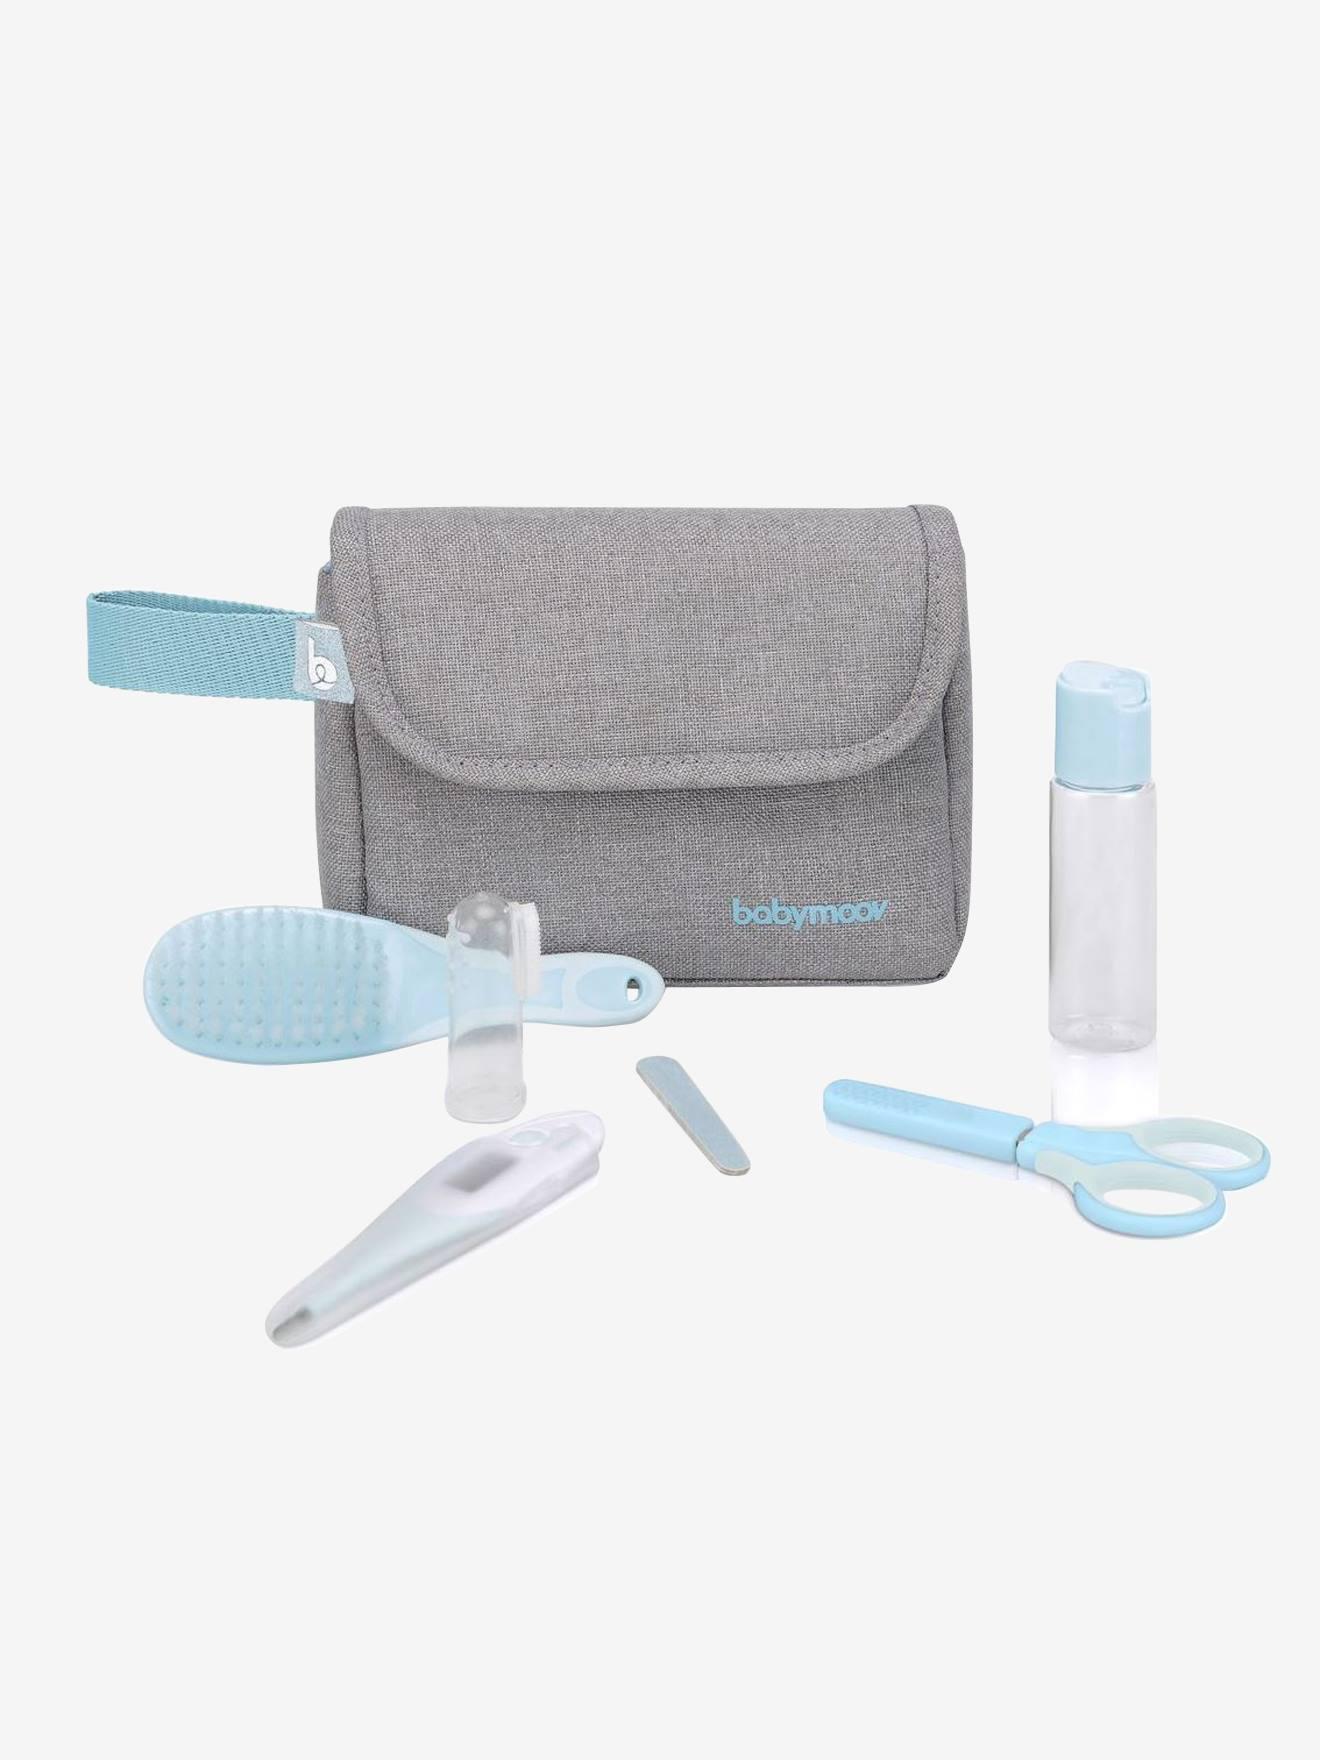 Trousse de toilette compacte bébé BABYMOOV - 6 accessoires gris chiné